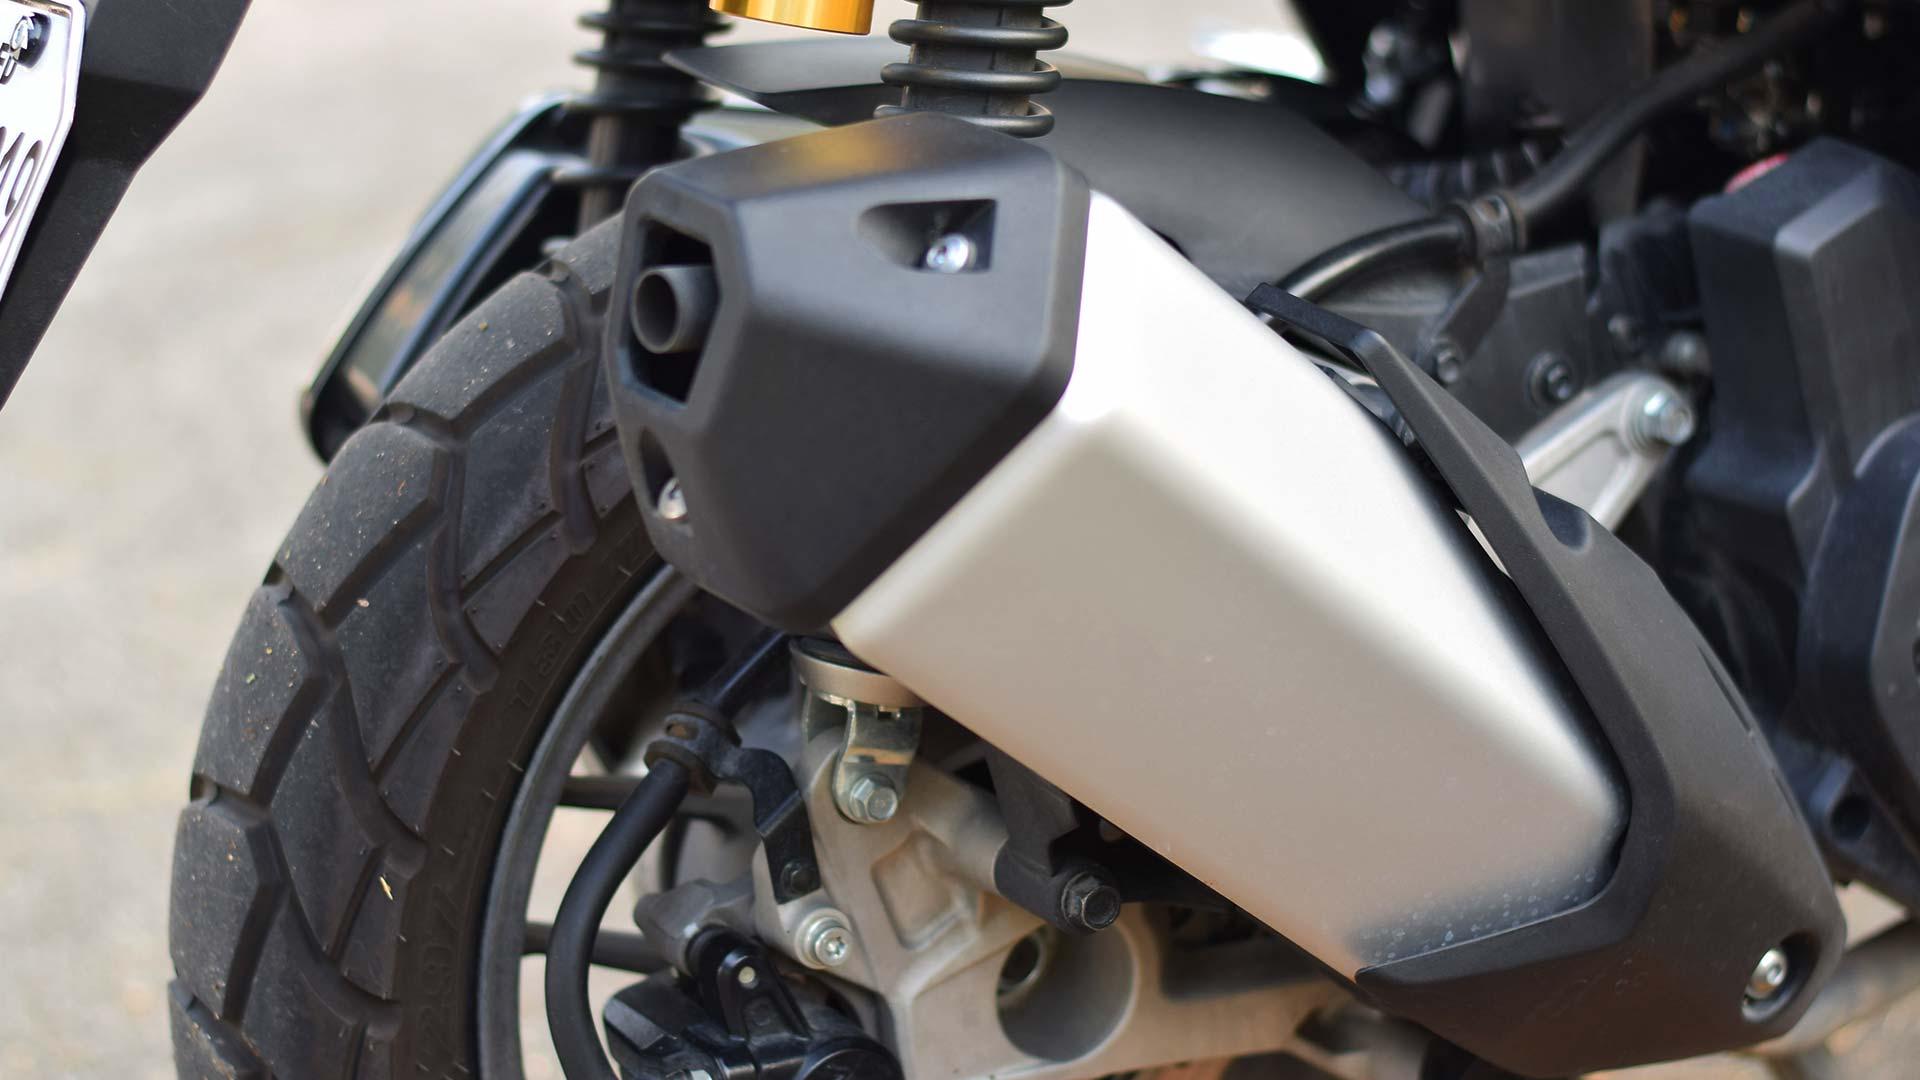 Honda ADV 150 Exhaust